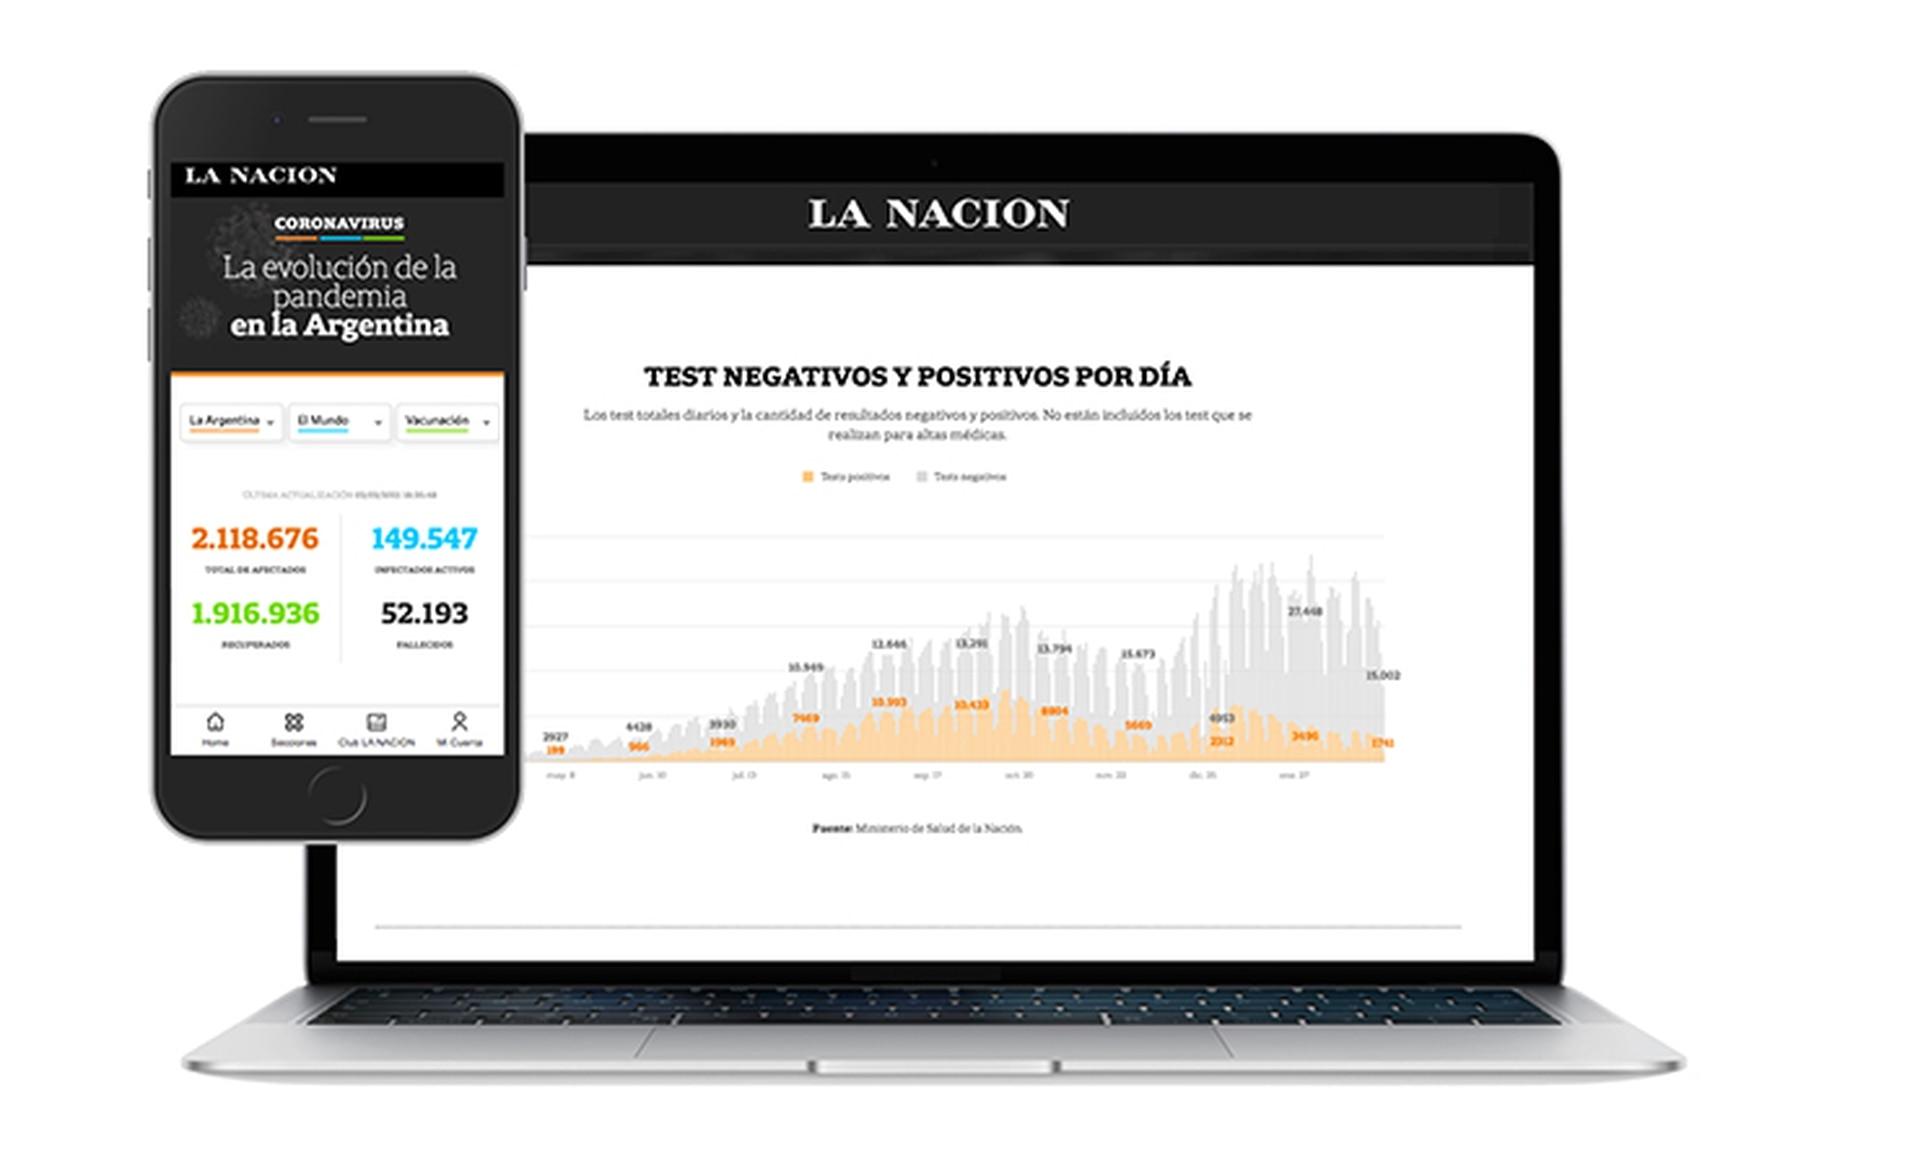 LA NACION desarrolló un especial de indicadores que informan sobre el avance de la pandemia en Argentina